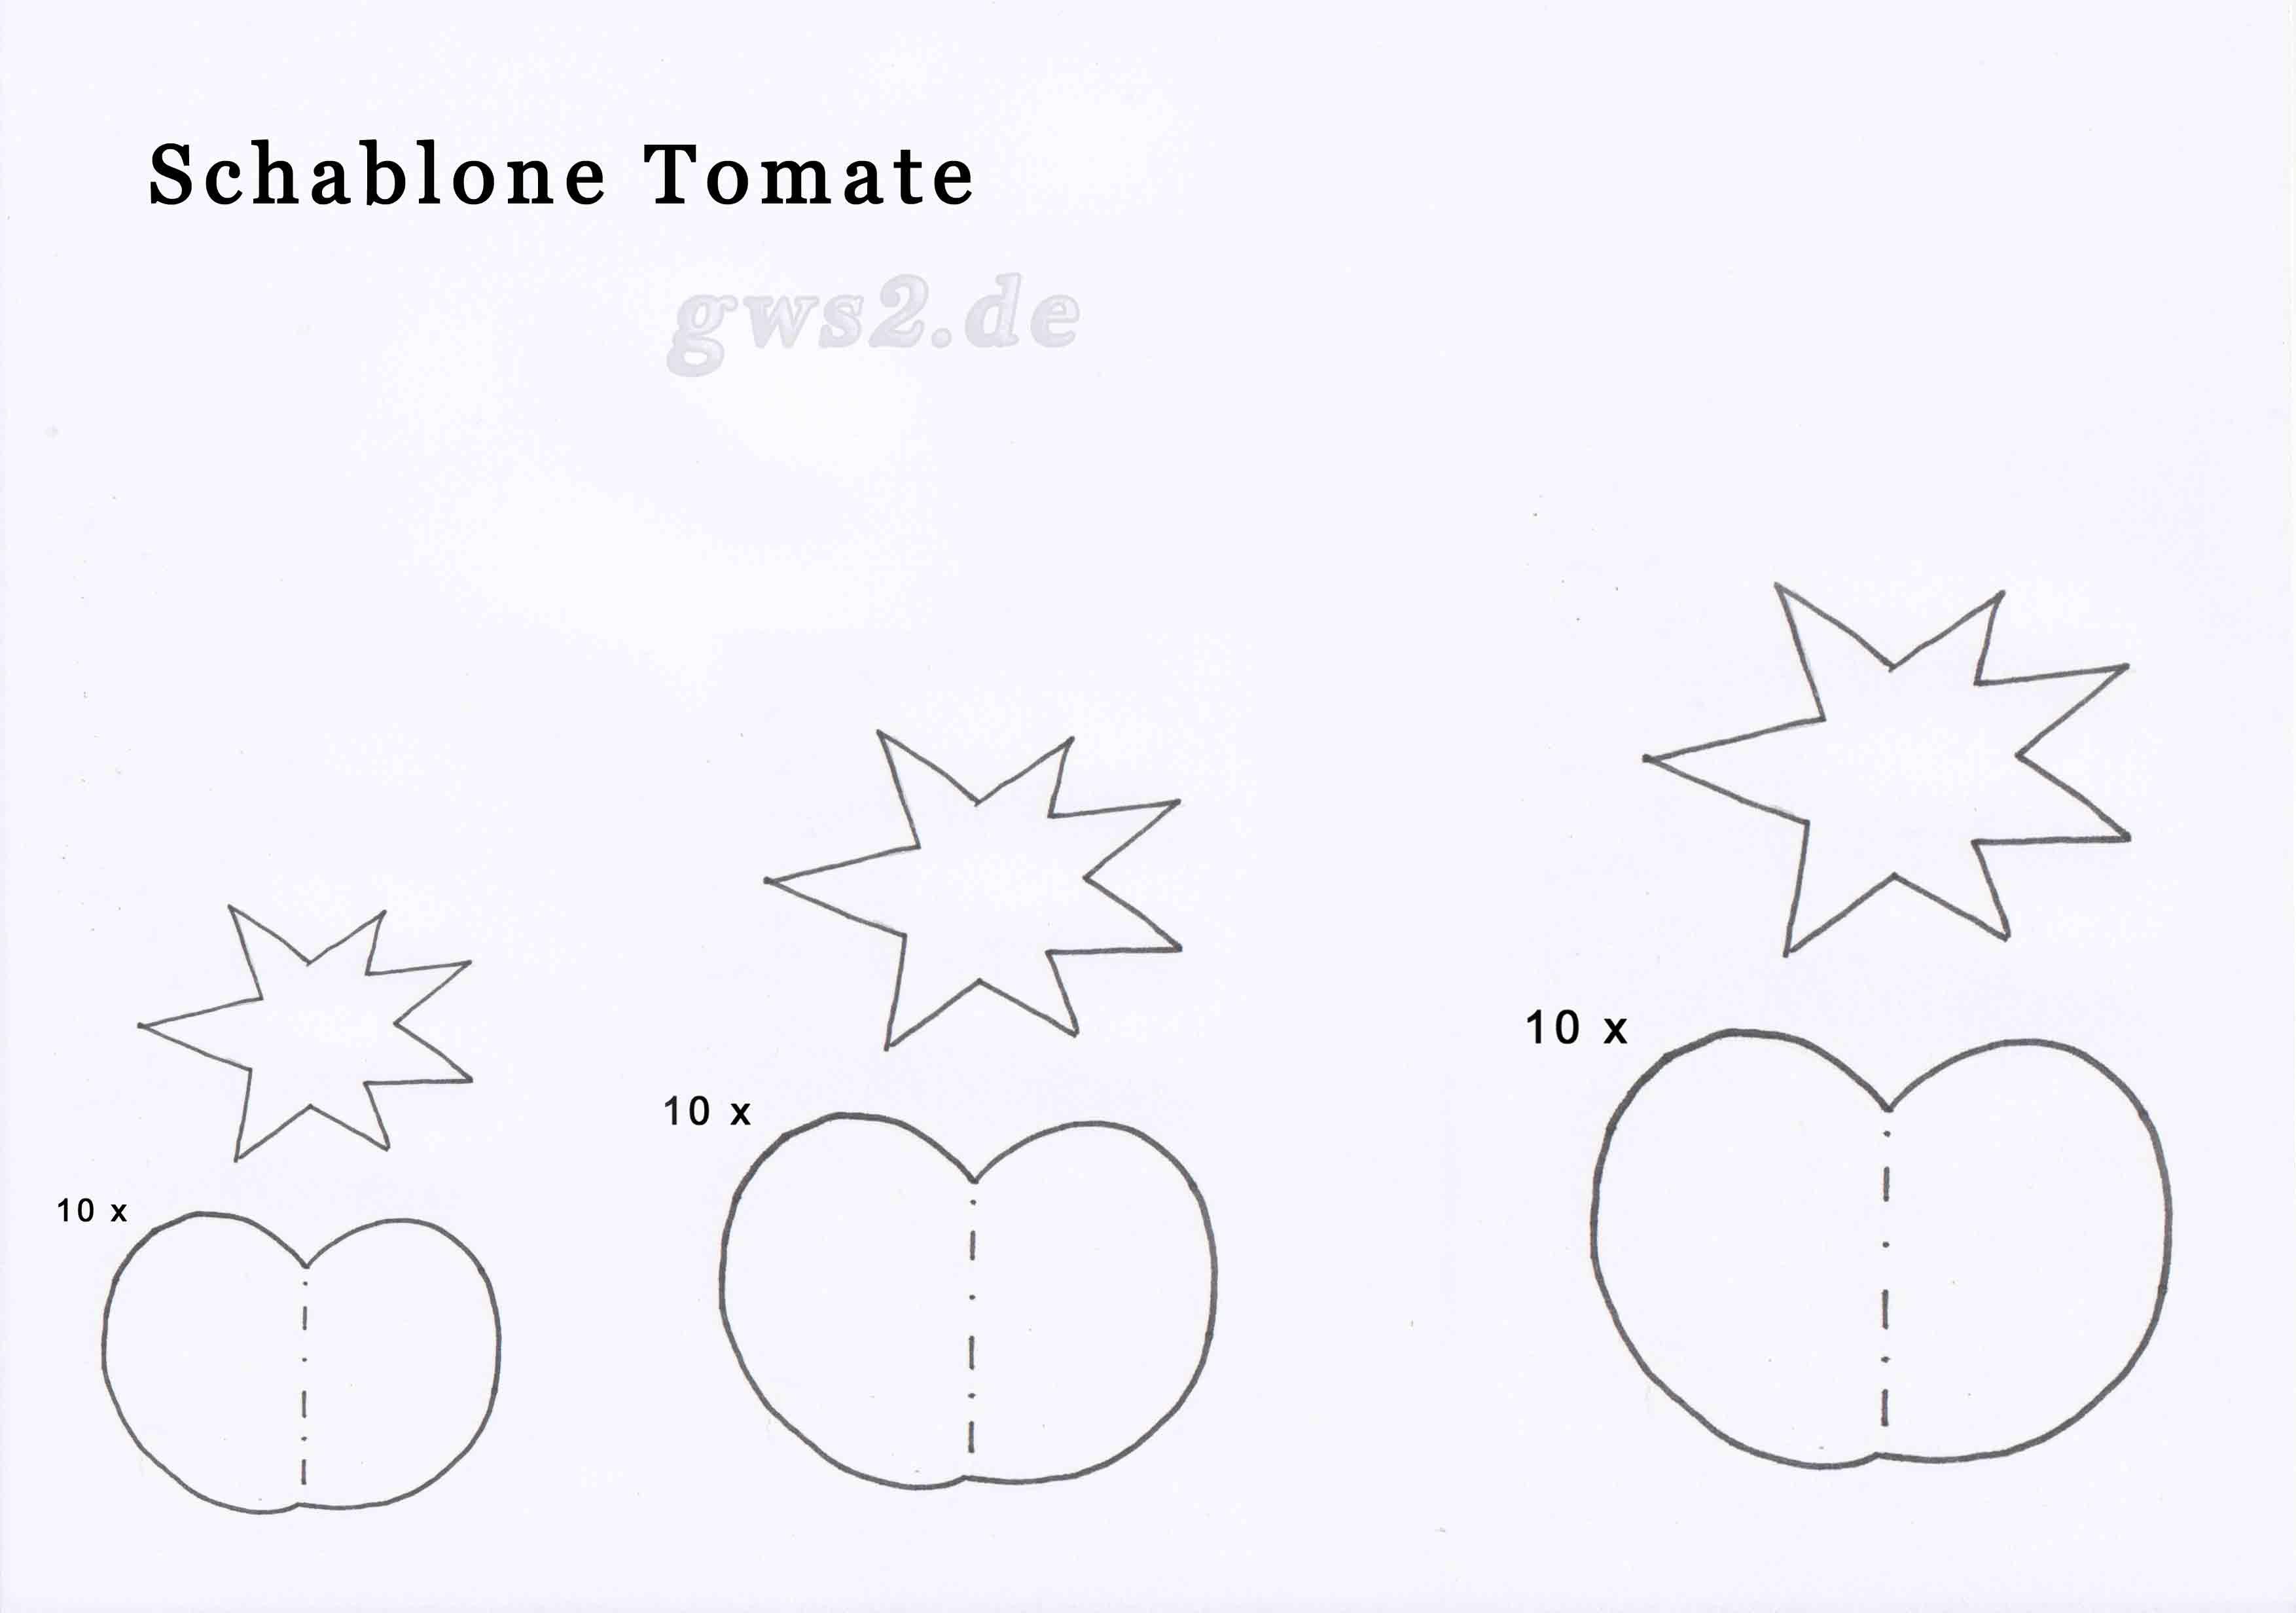 Bild von Schablone zum Basteln von Tomate